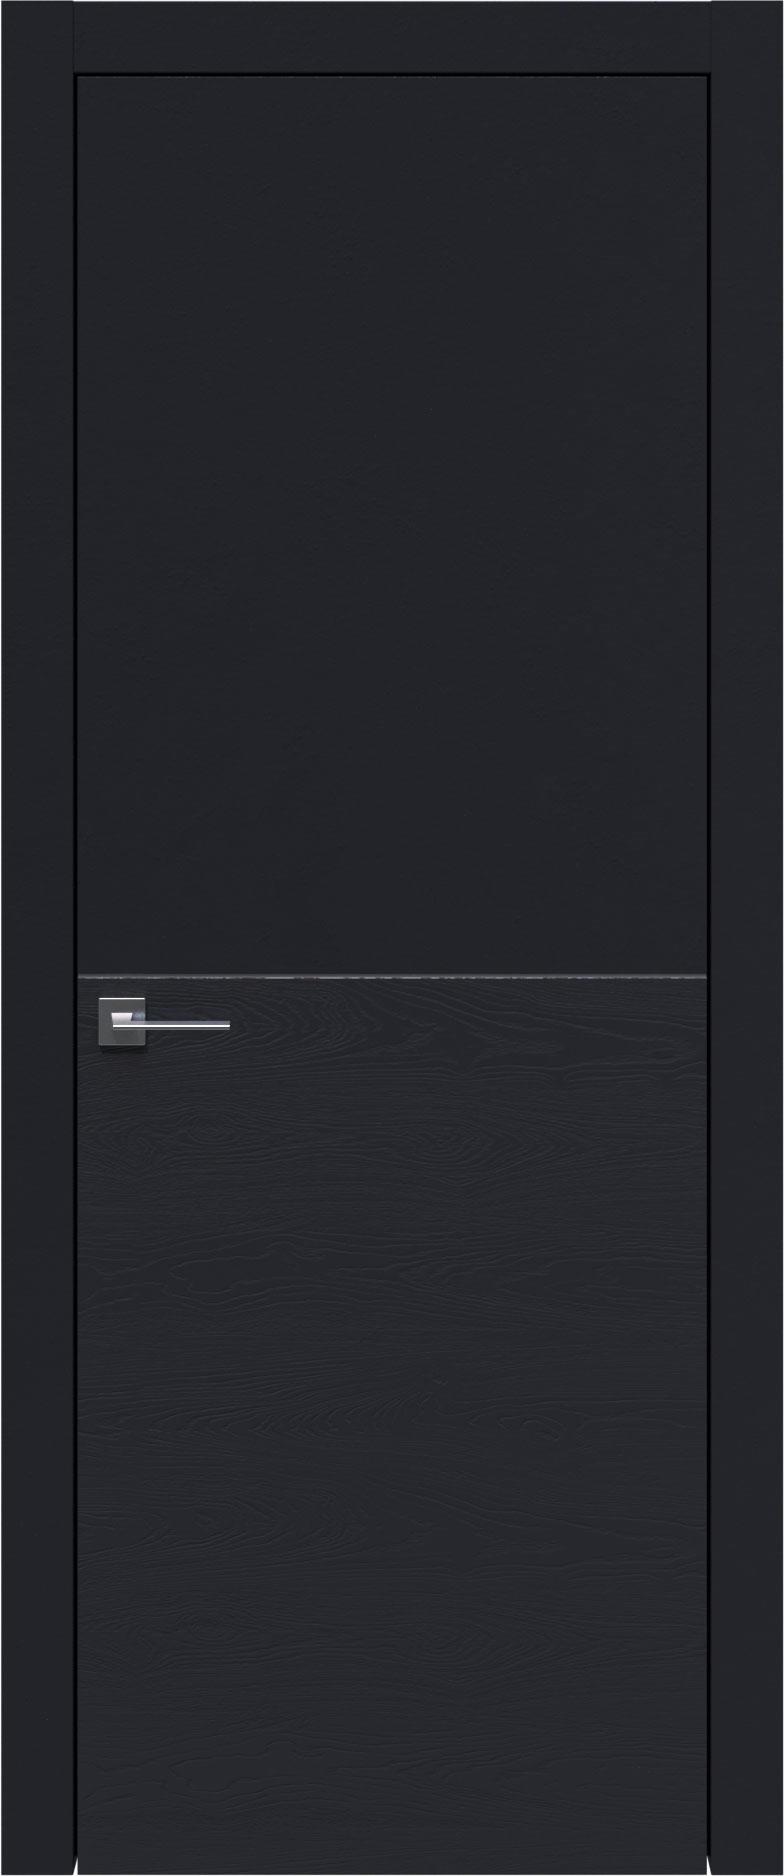 Tivoli Б-2 цвет - Черная эмаль-эмаль по шпону (RAL 9004) Без стекла (ДГ)